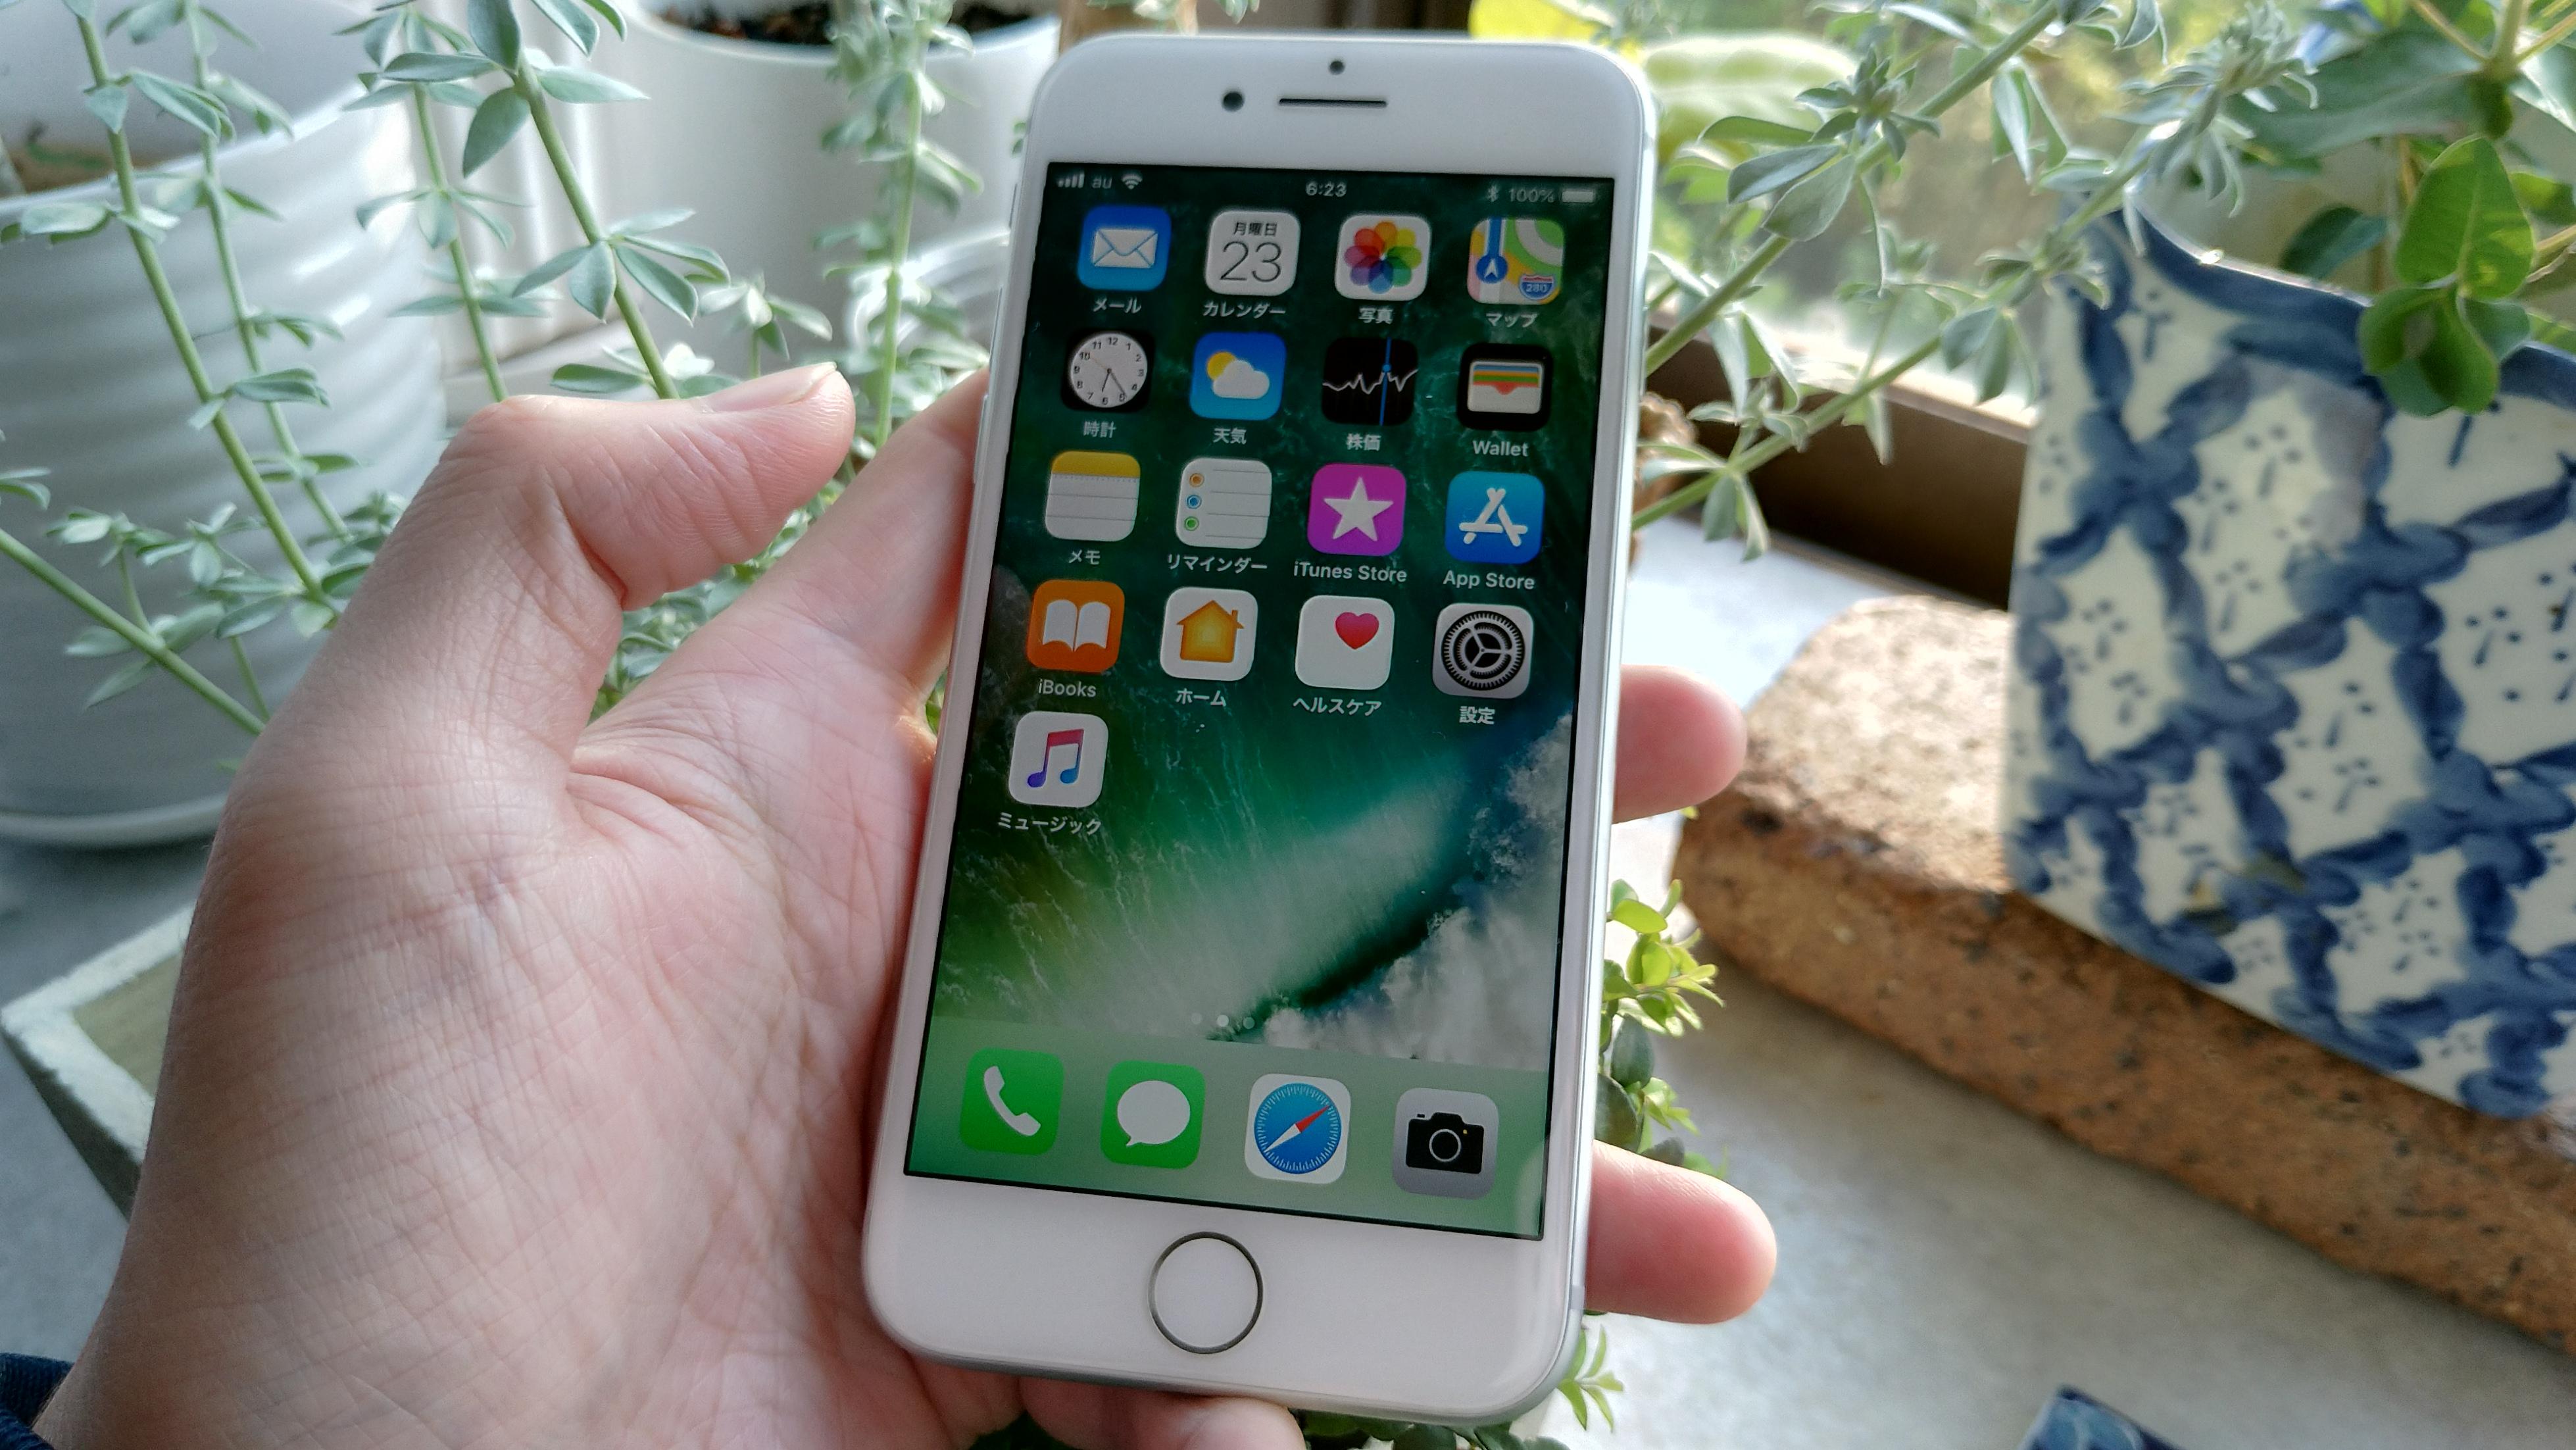 iPhone8 軽くて持ちやすい大きさ!